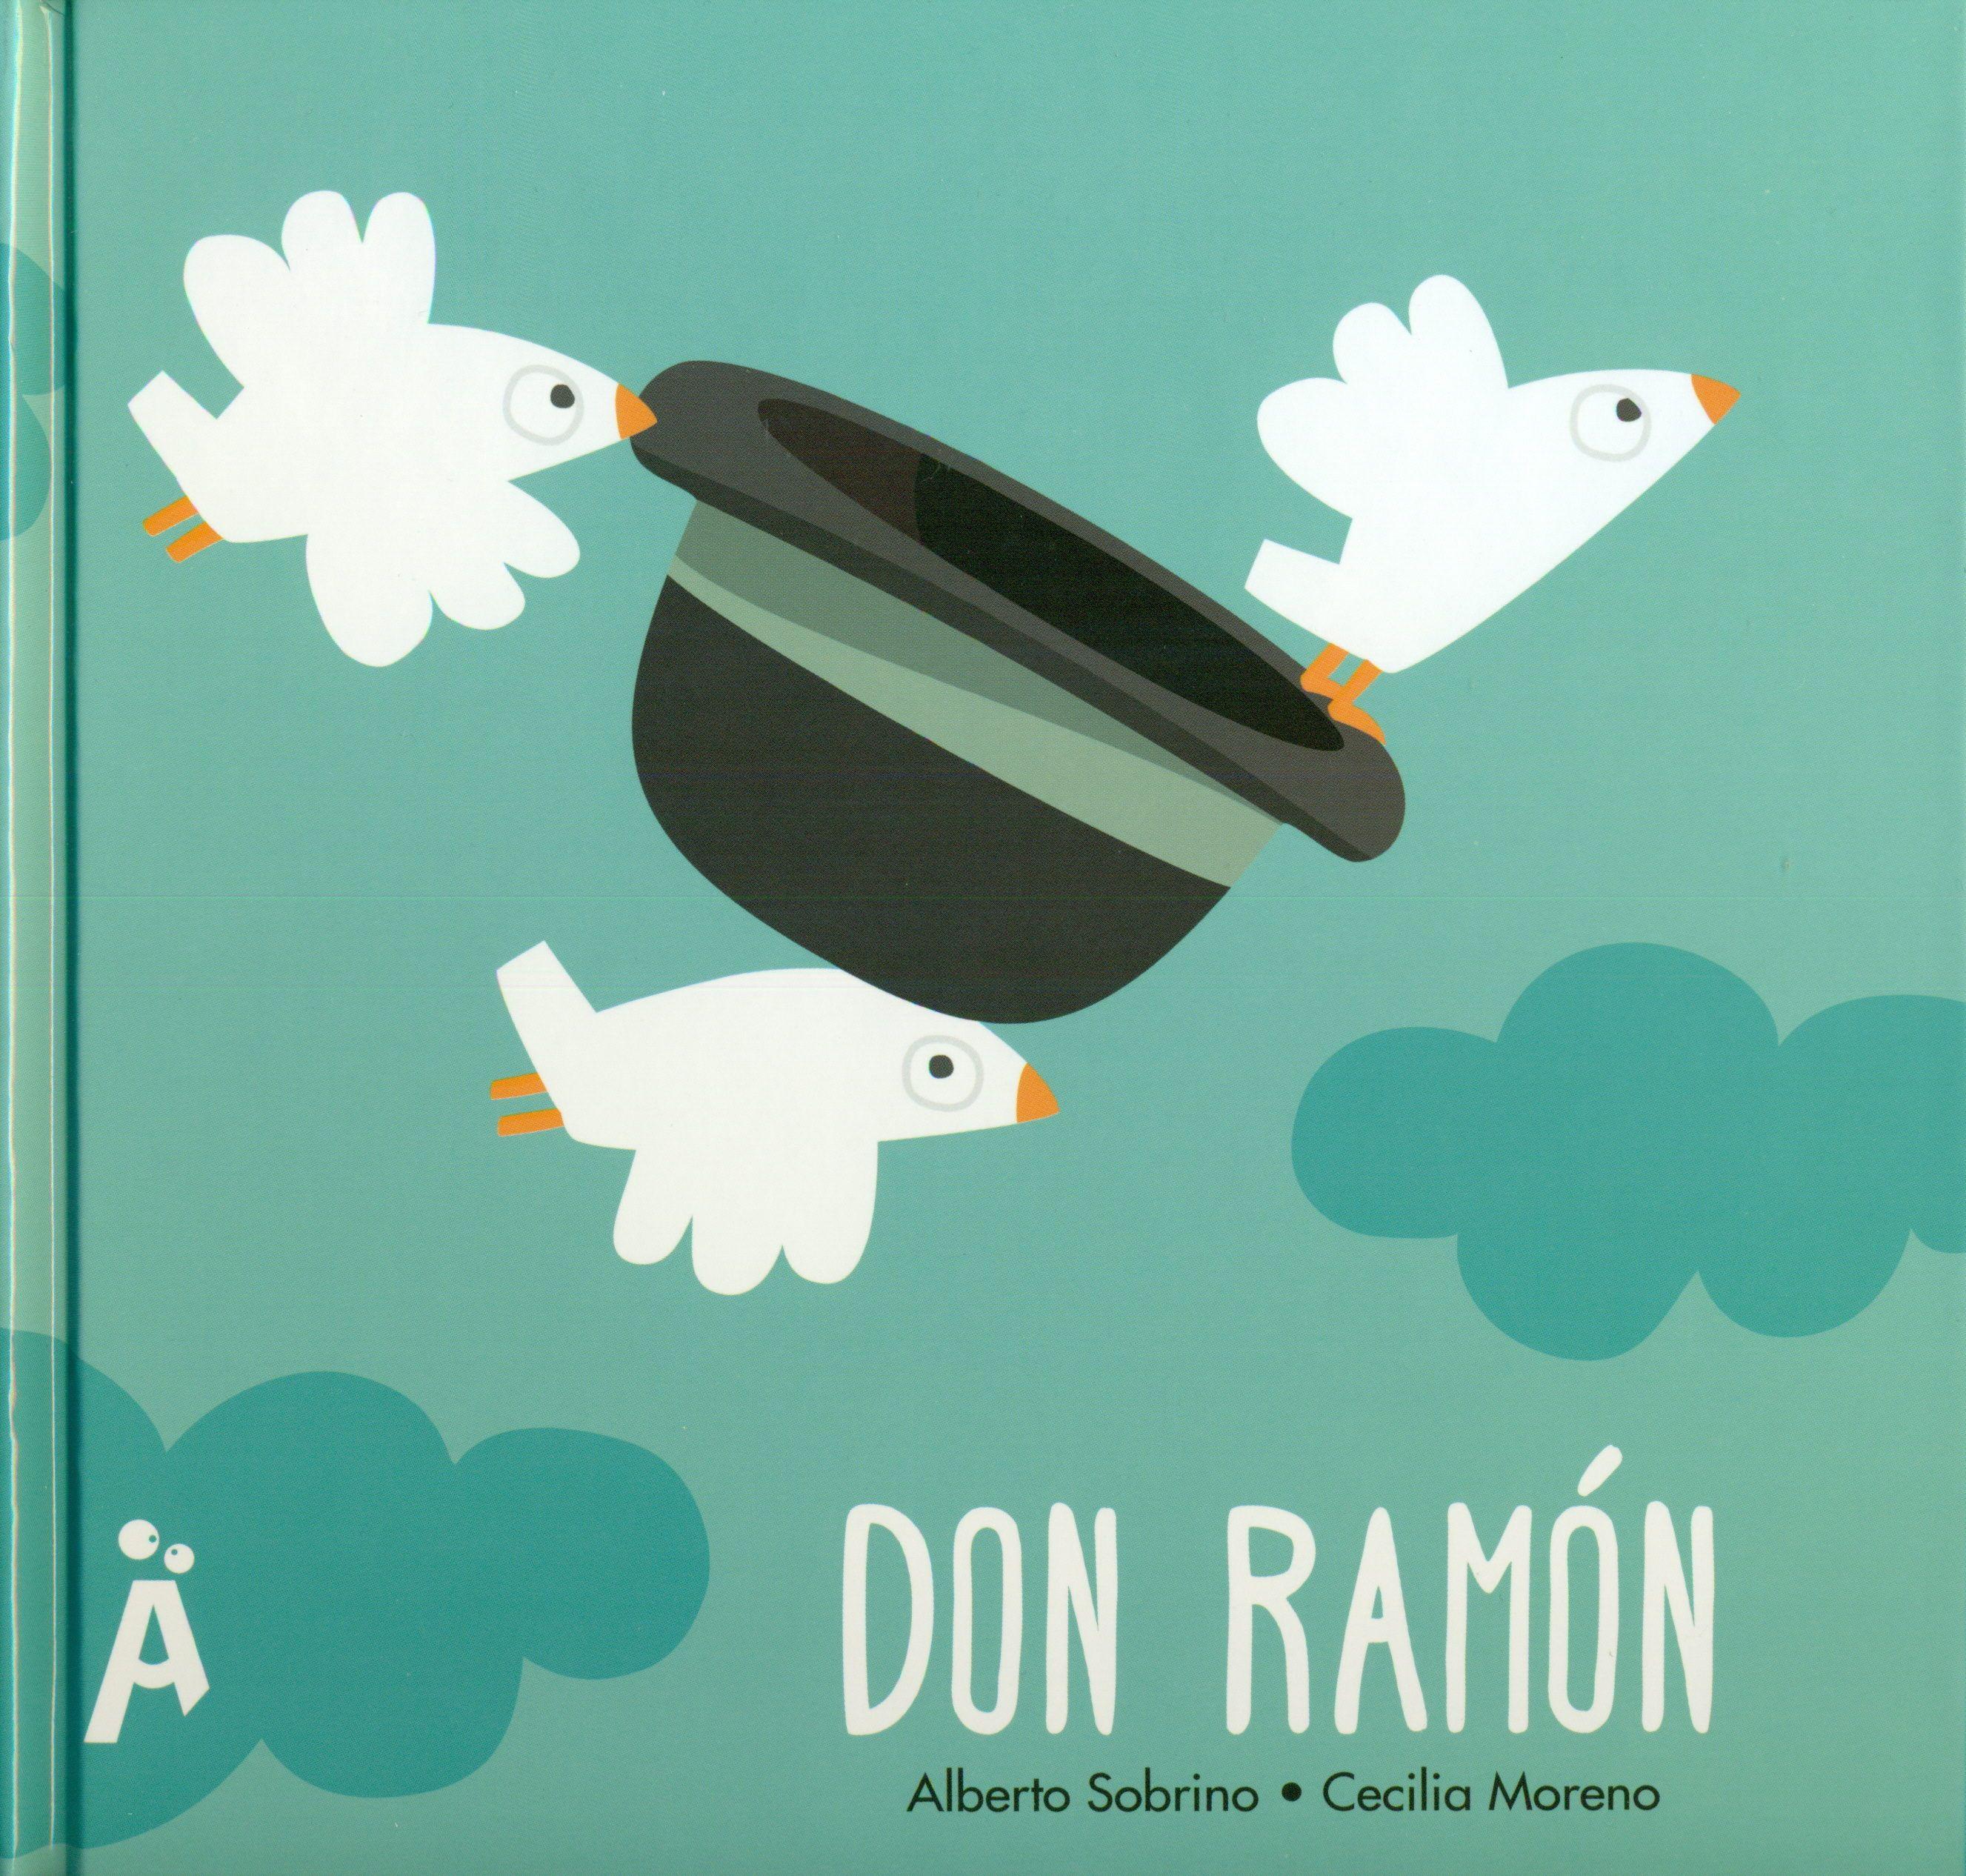 Don Ramón, de Alberto Sobrino y Cecilia Moreno es un precioso álbum ilustrado de Amigos de Papel que nos propone una lectura a modo de juego o adivinanza, para descubrir quién es Don Ramón .